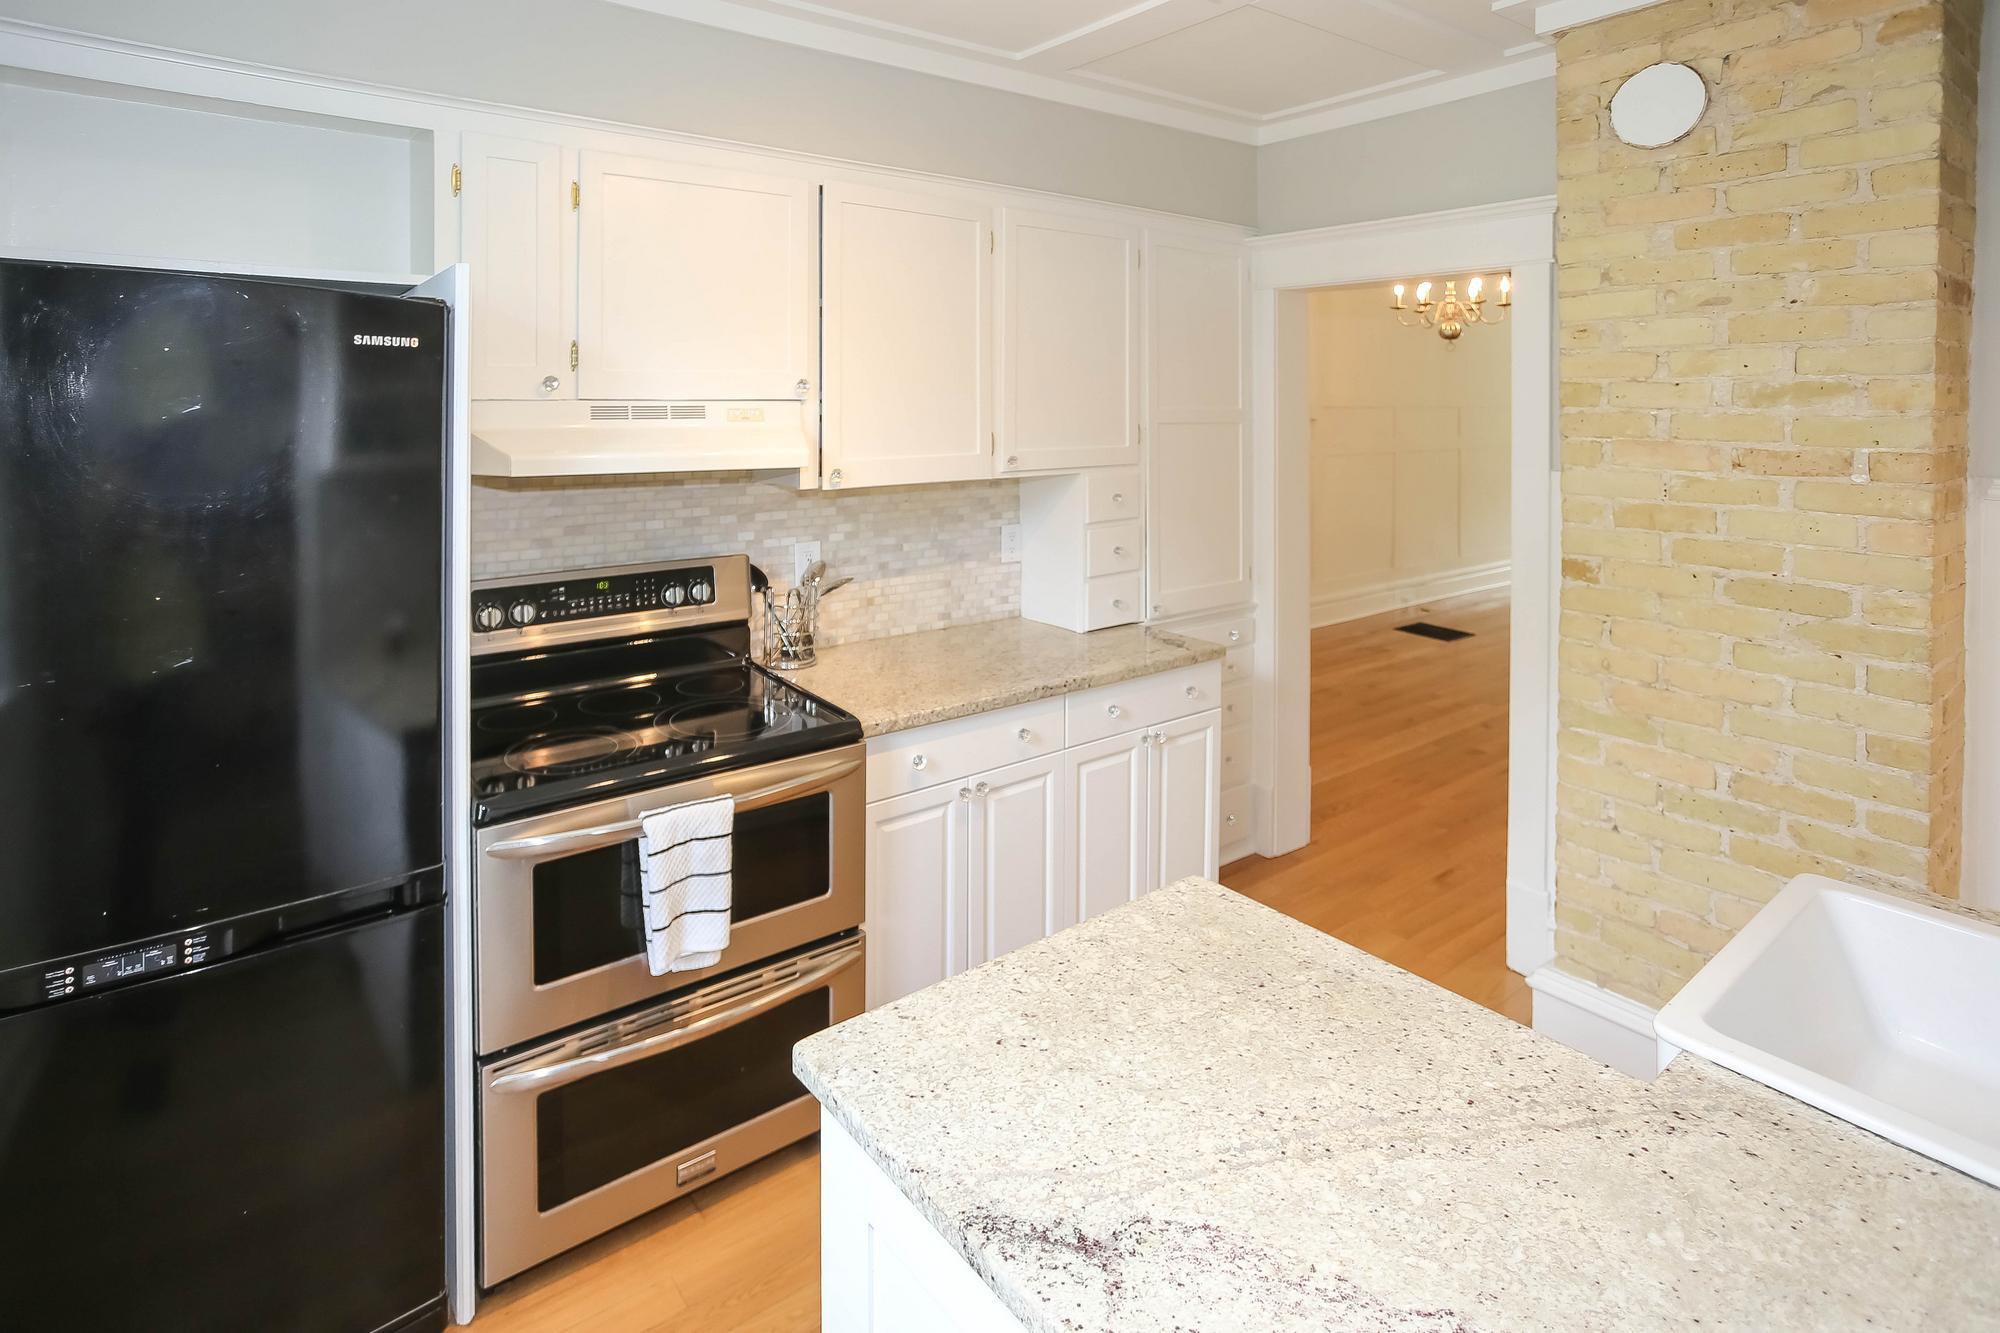 Photo 14: Photos: 108 LENORE Street in Winnipeg: Wolseley Single Family Detached for sale (5B)  : MLS®# 202013079